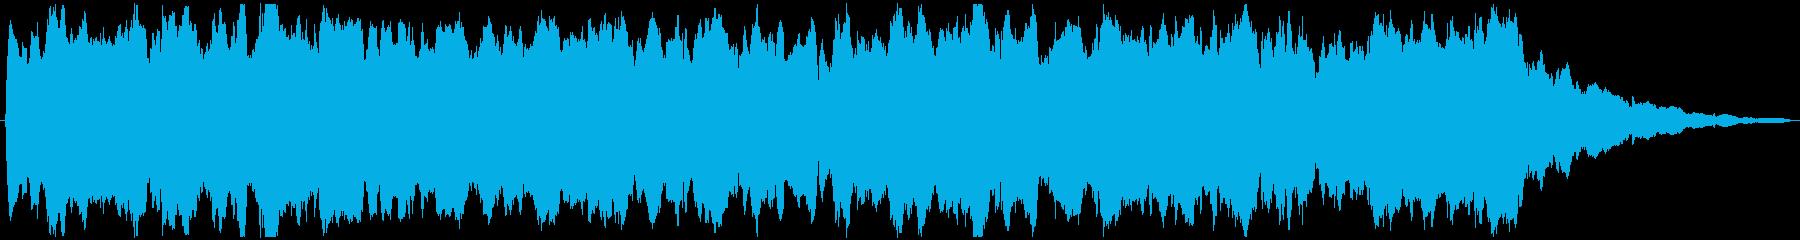 ドローン フライコンベンション01の再生済みの波形